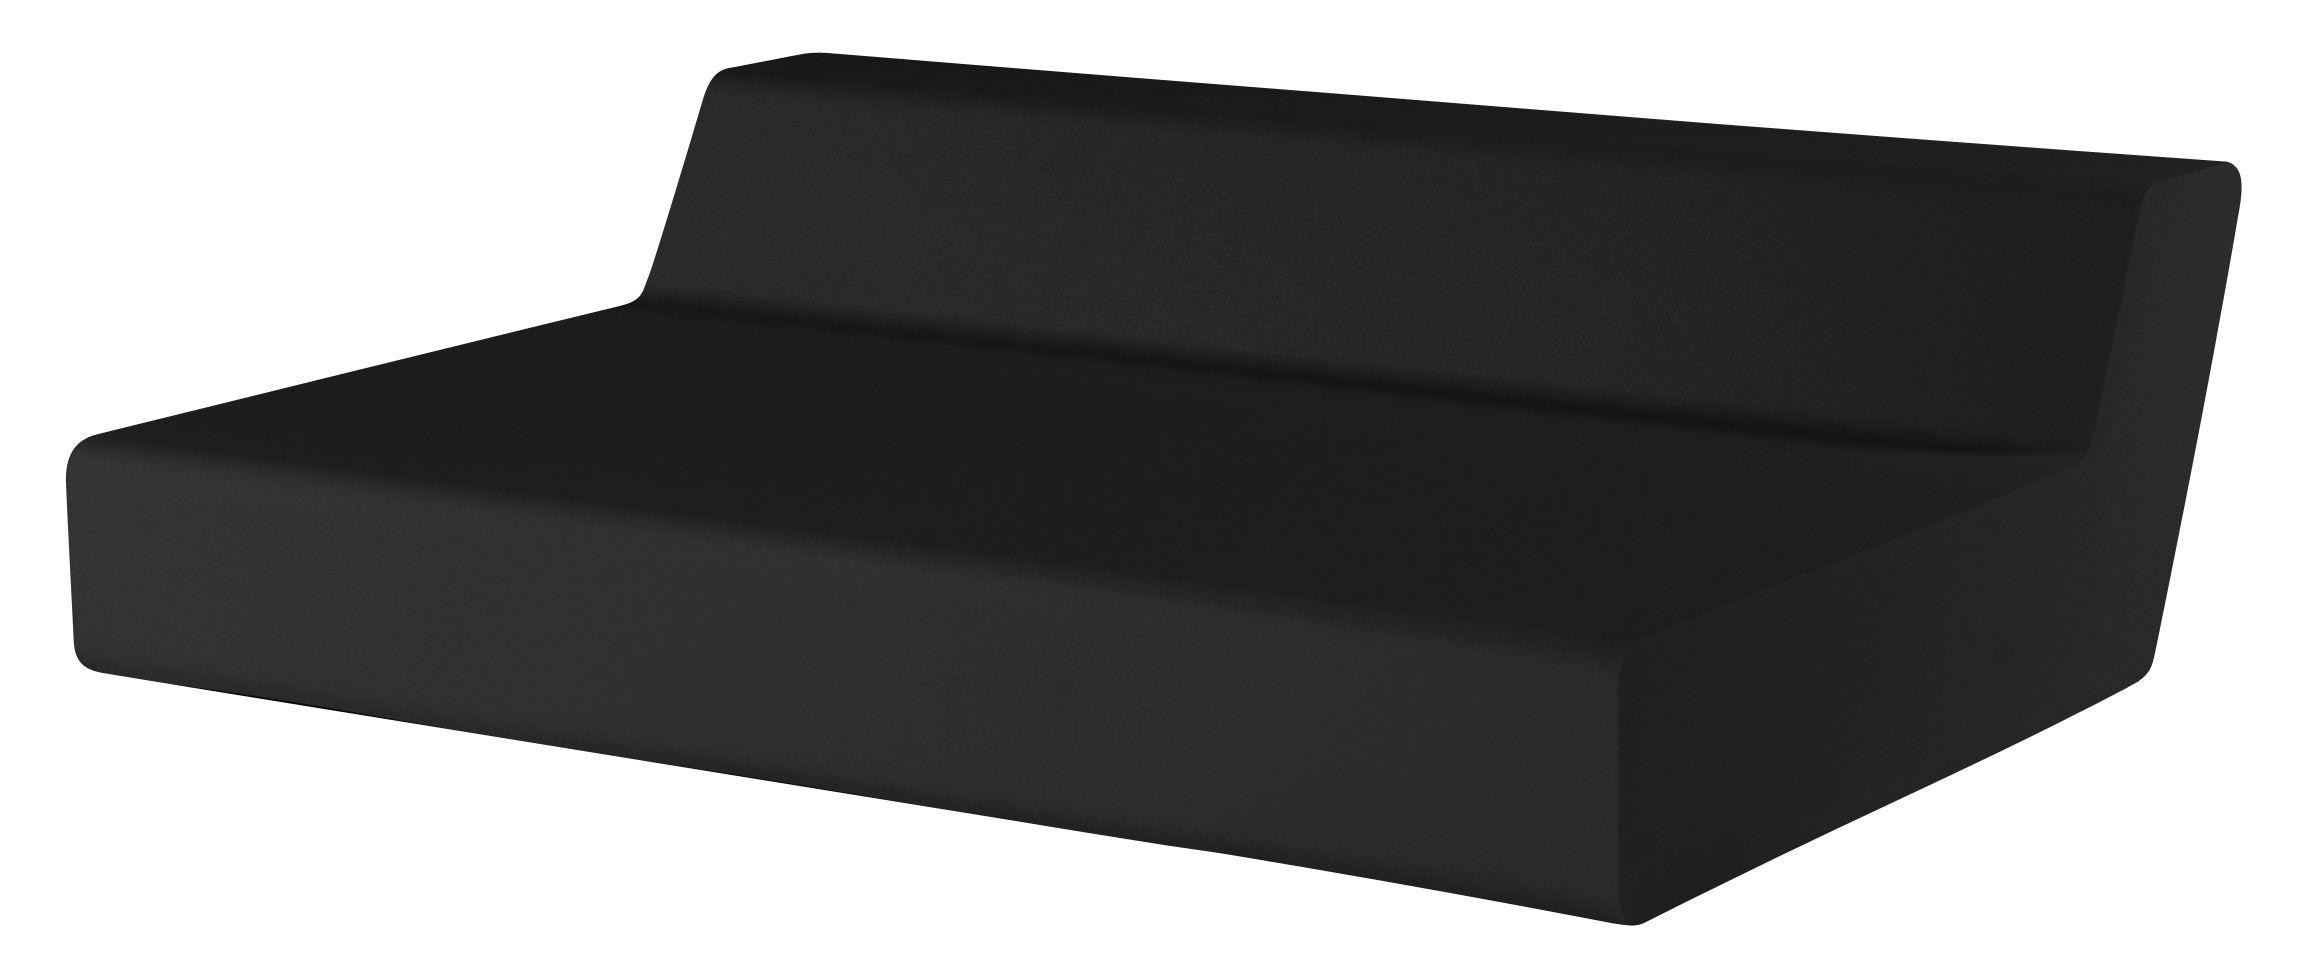 Arredamento - Divani moderni - Divano destro Matrass Seat 150 - h 20 cm - 2 posti di Quinze & Milan - Nero - Schiuma di poliuretano